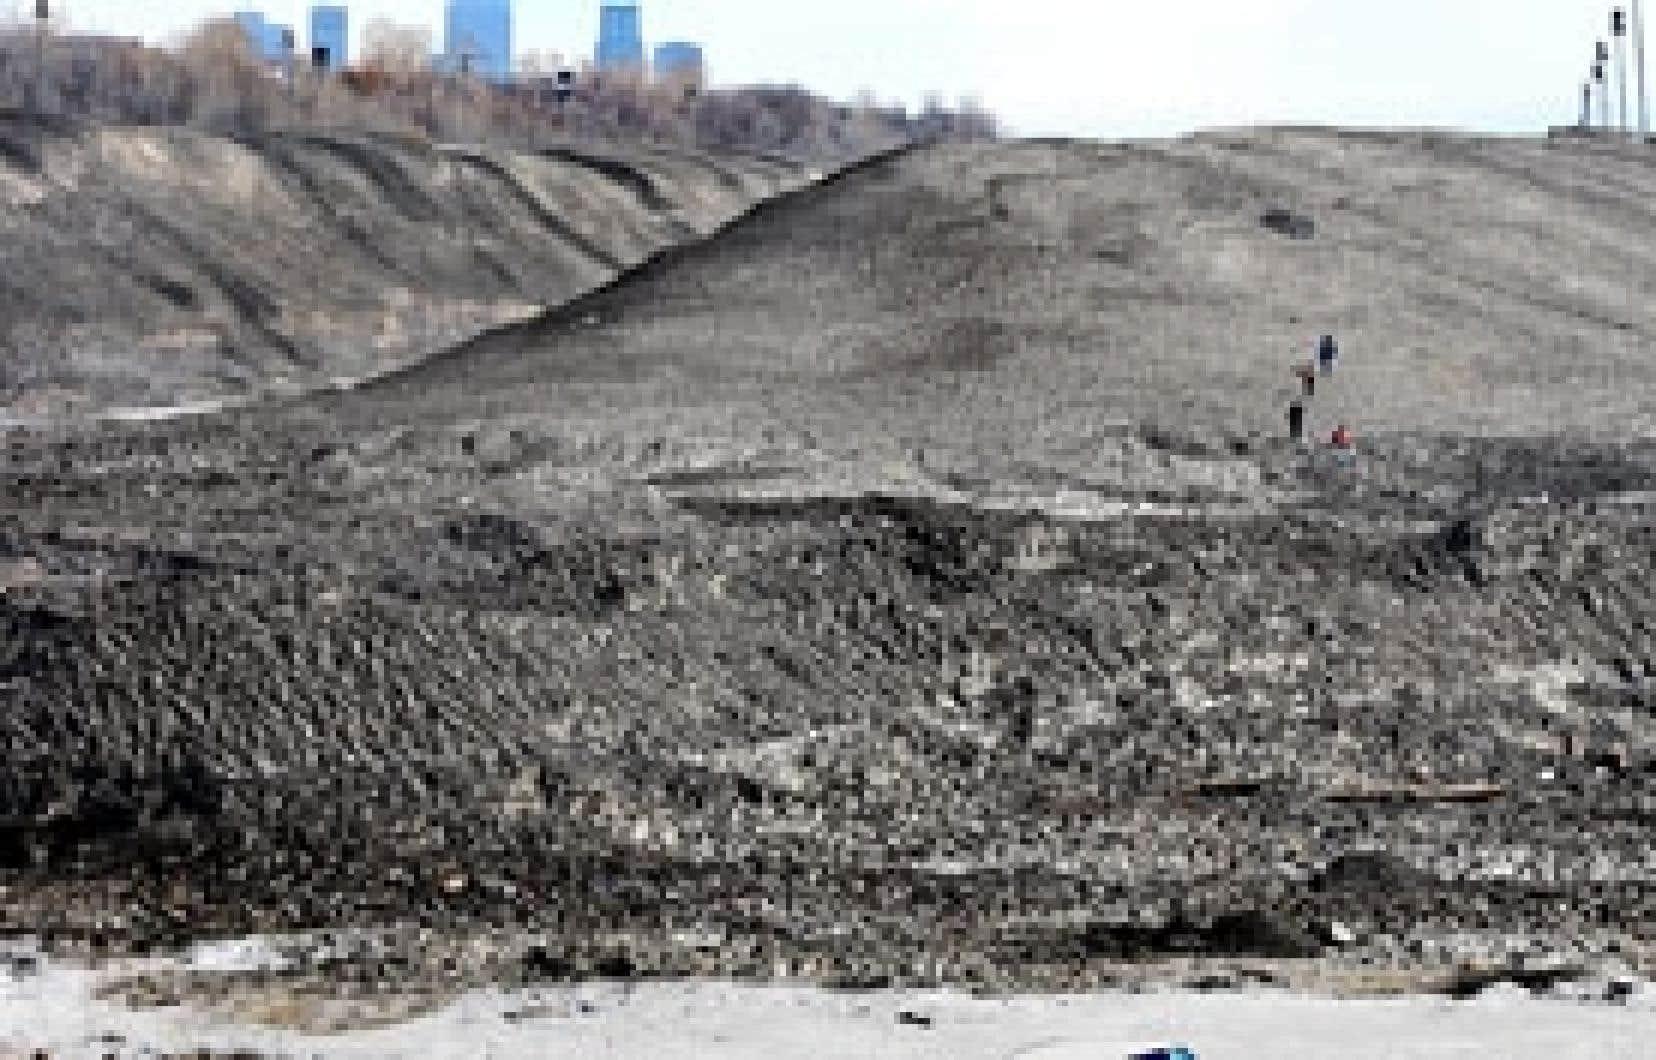 La mise en place de dépôts à neige a permis à Québec de mettre fin aux rejets directs dans ses cours d'eau.